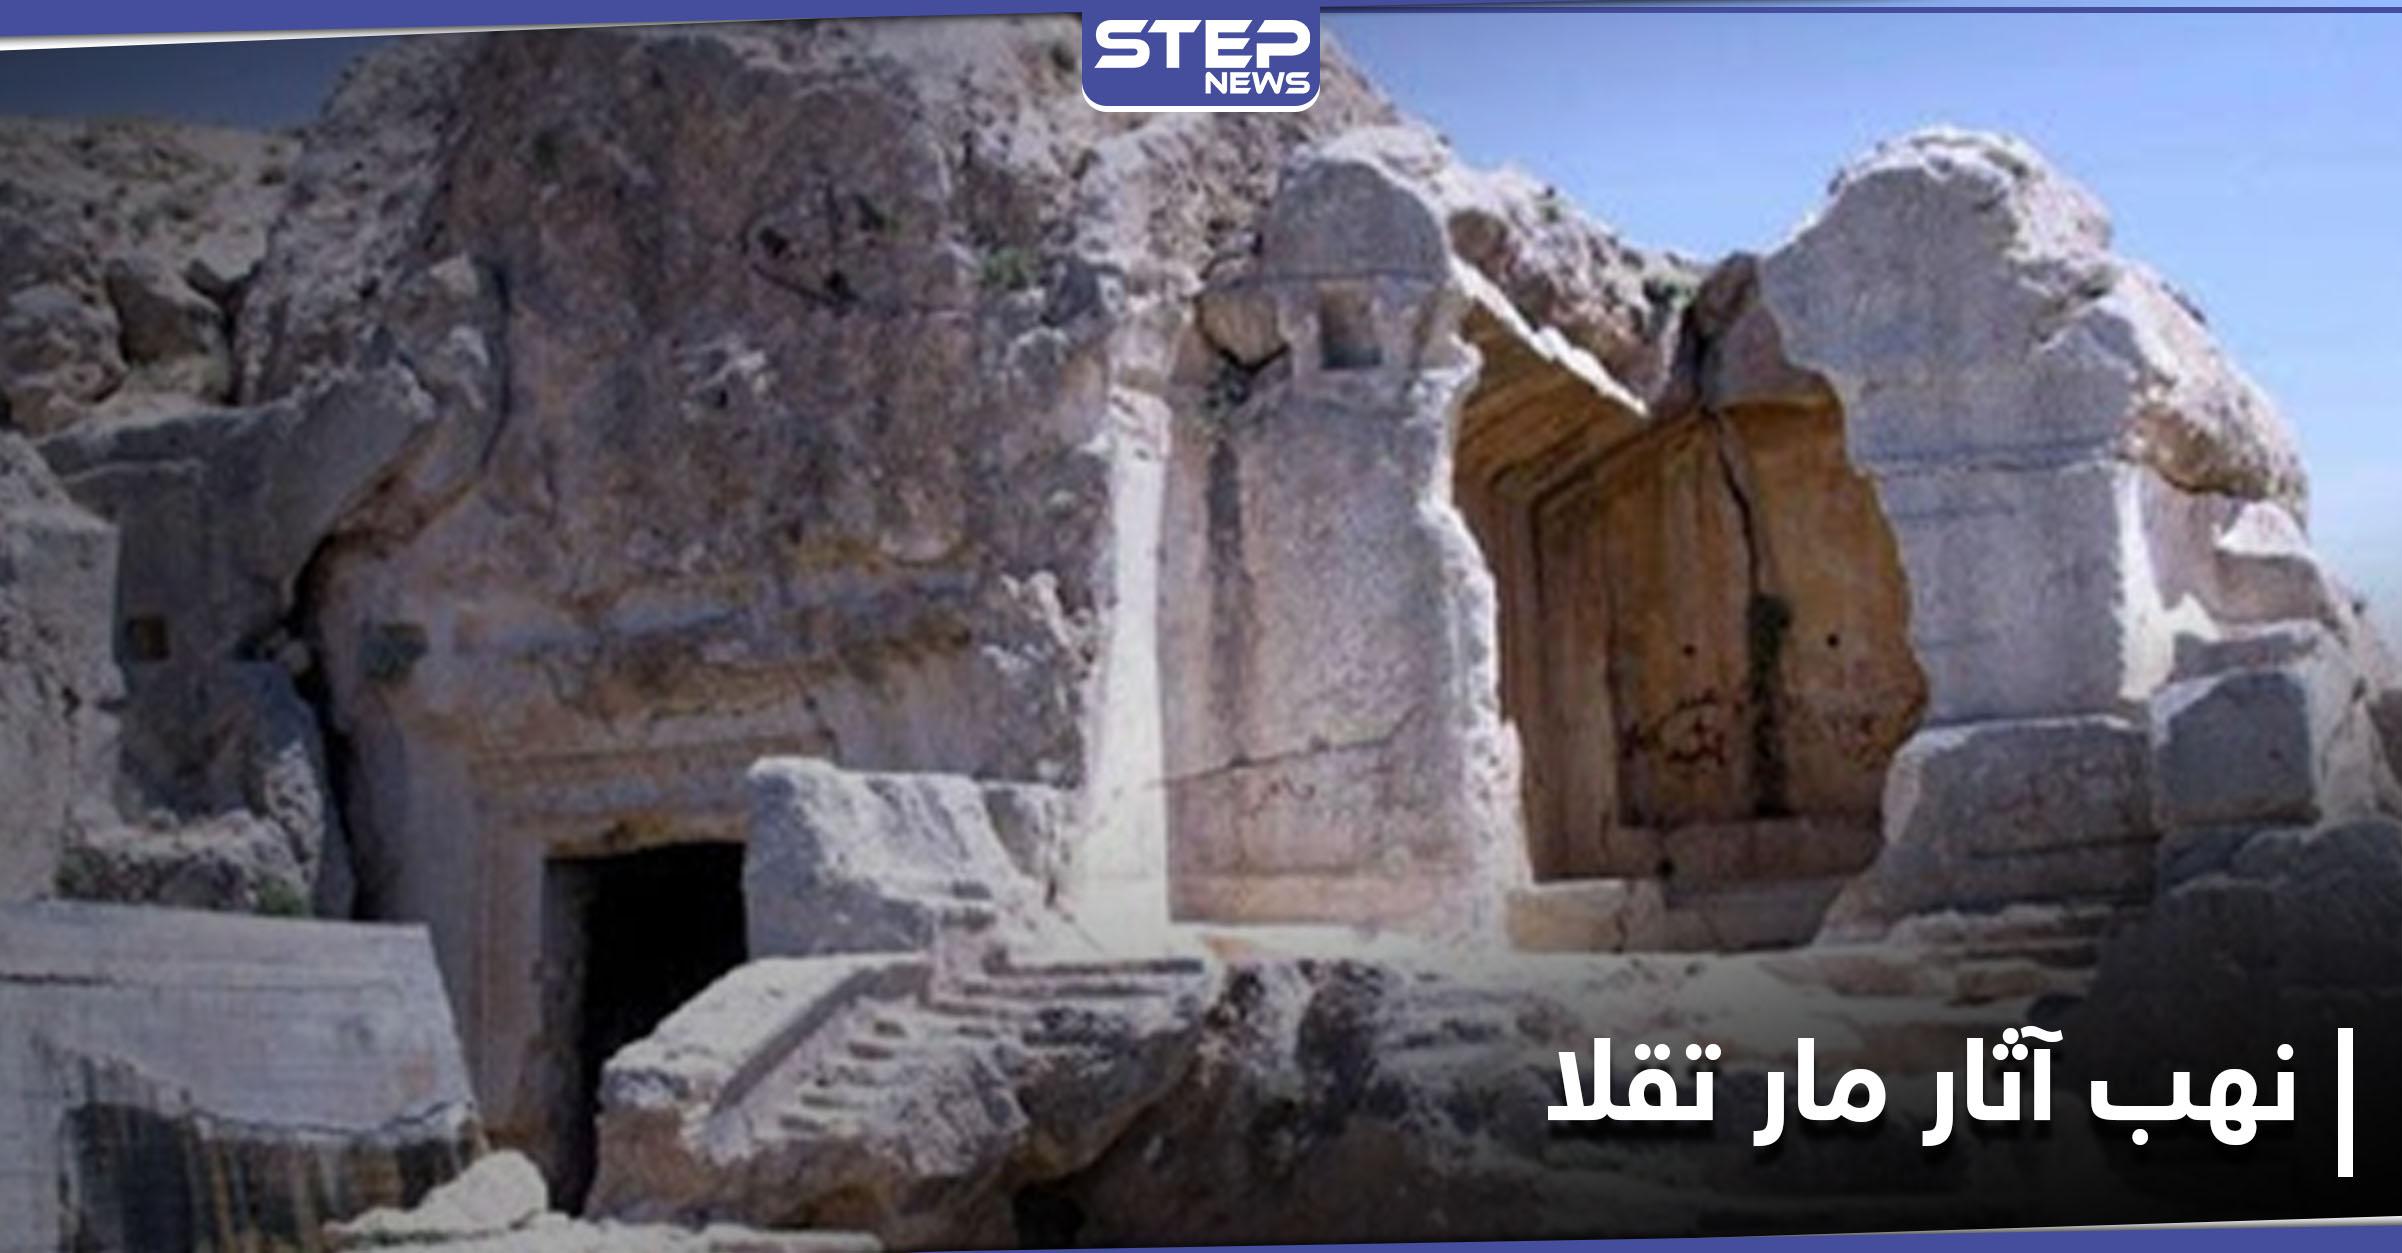 """عصابات تنقيب تنهب موقع """"مار تقلا"""" الأثري غربي دمشق"""